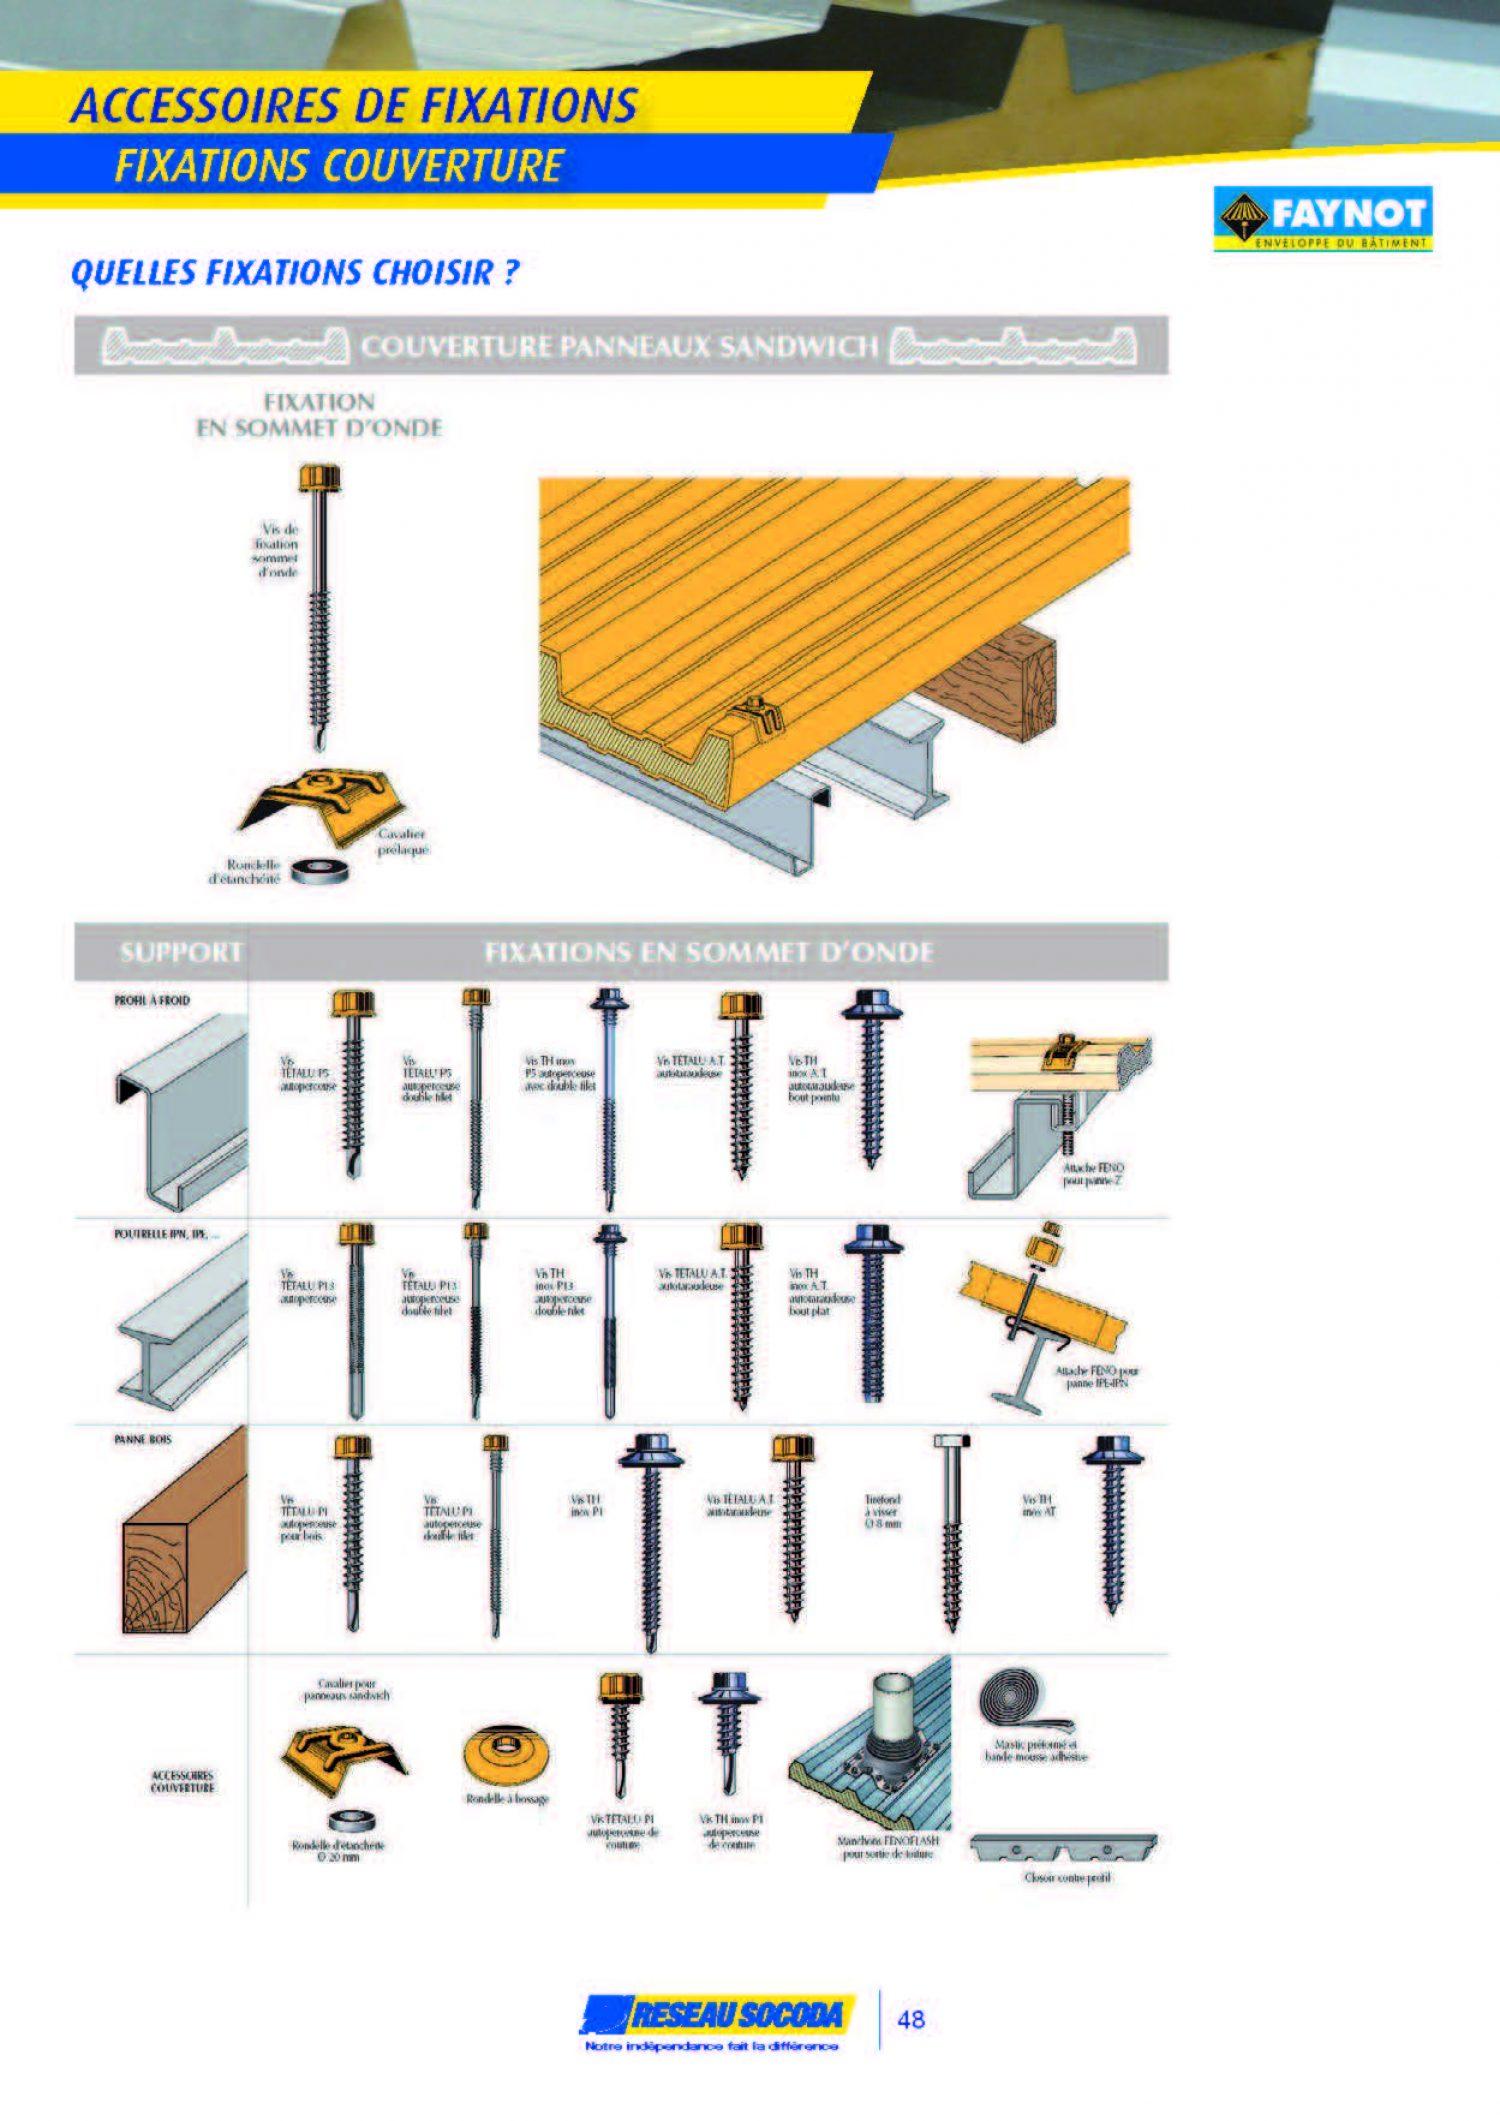 GERMOND_2014 PROFIL BATIMENT_20140324-184231_Page_48